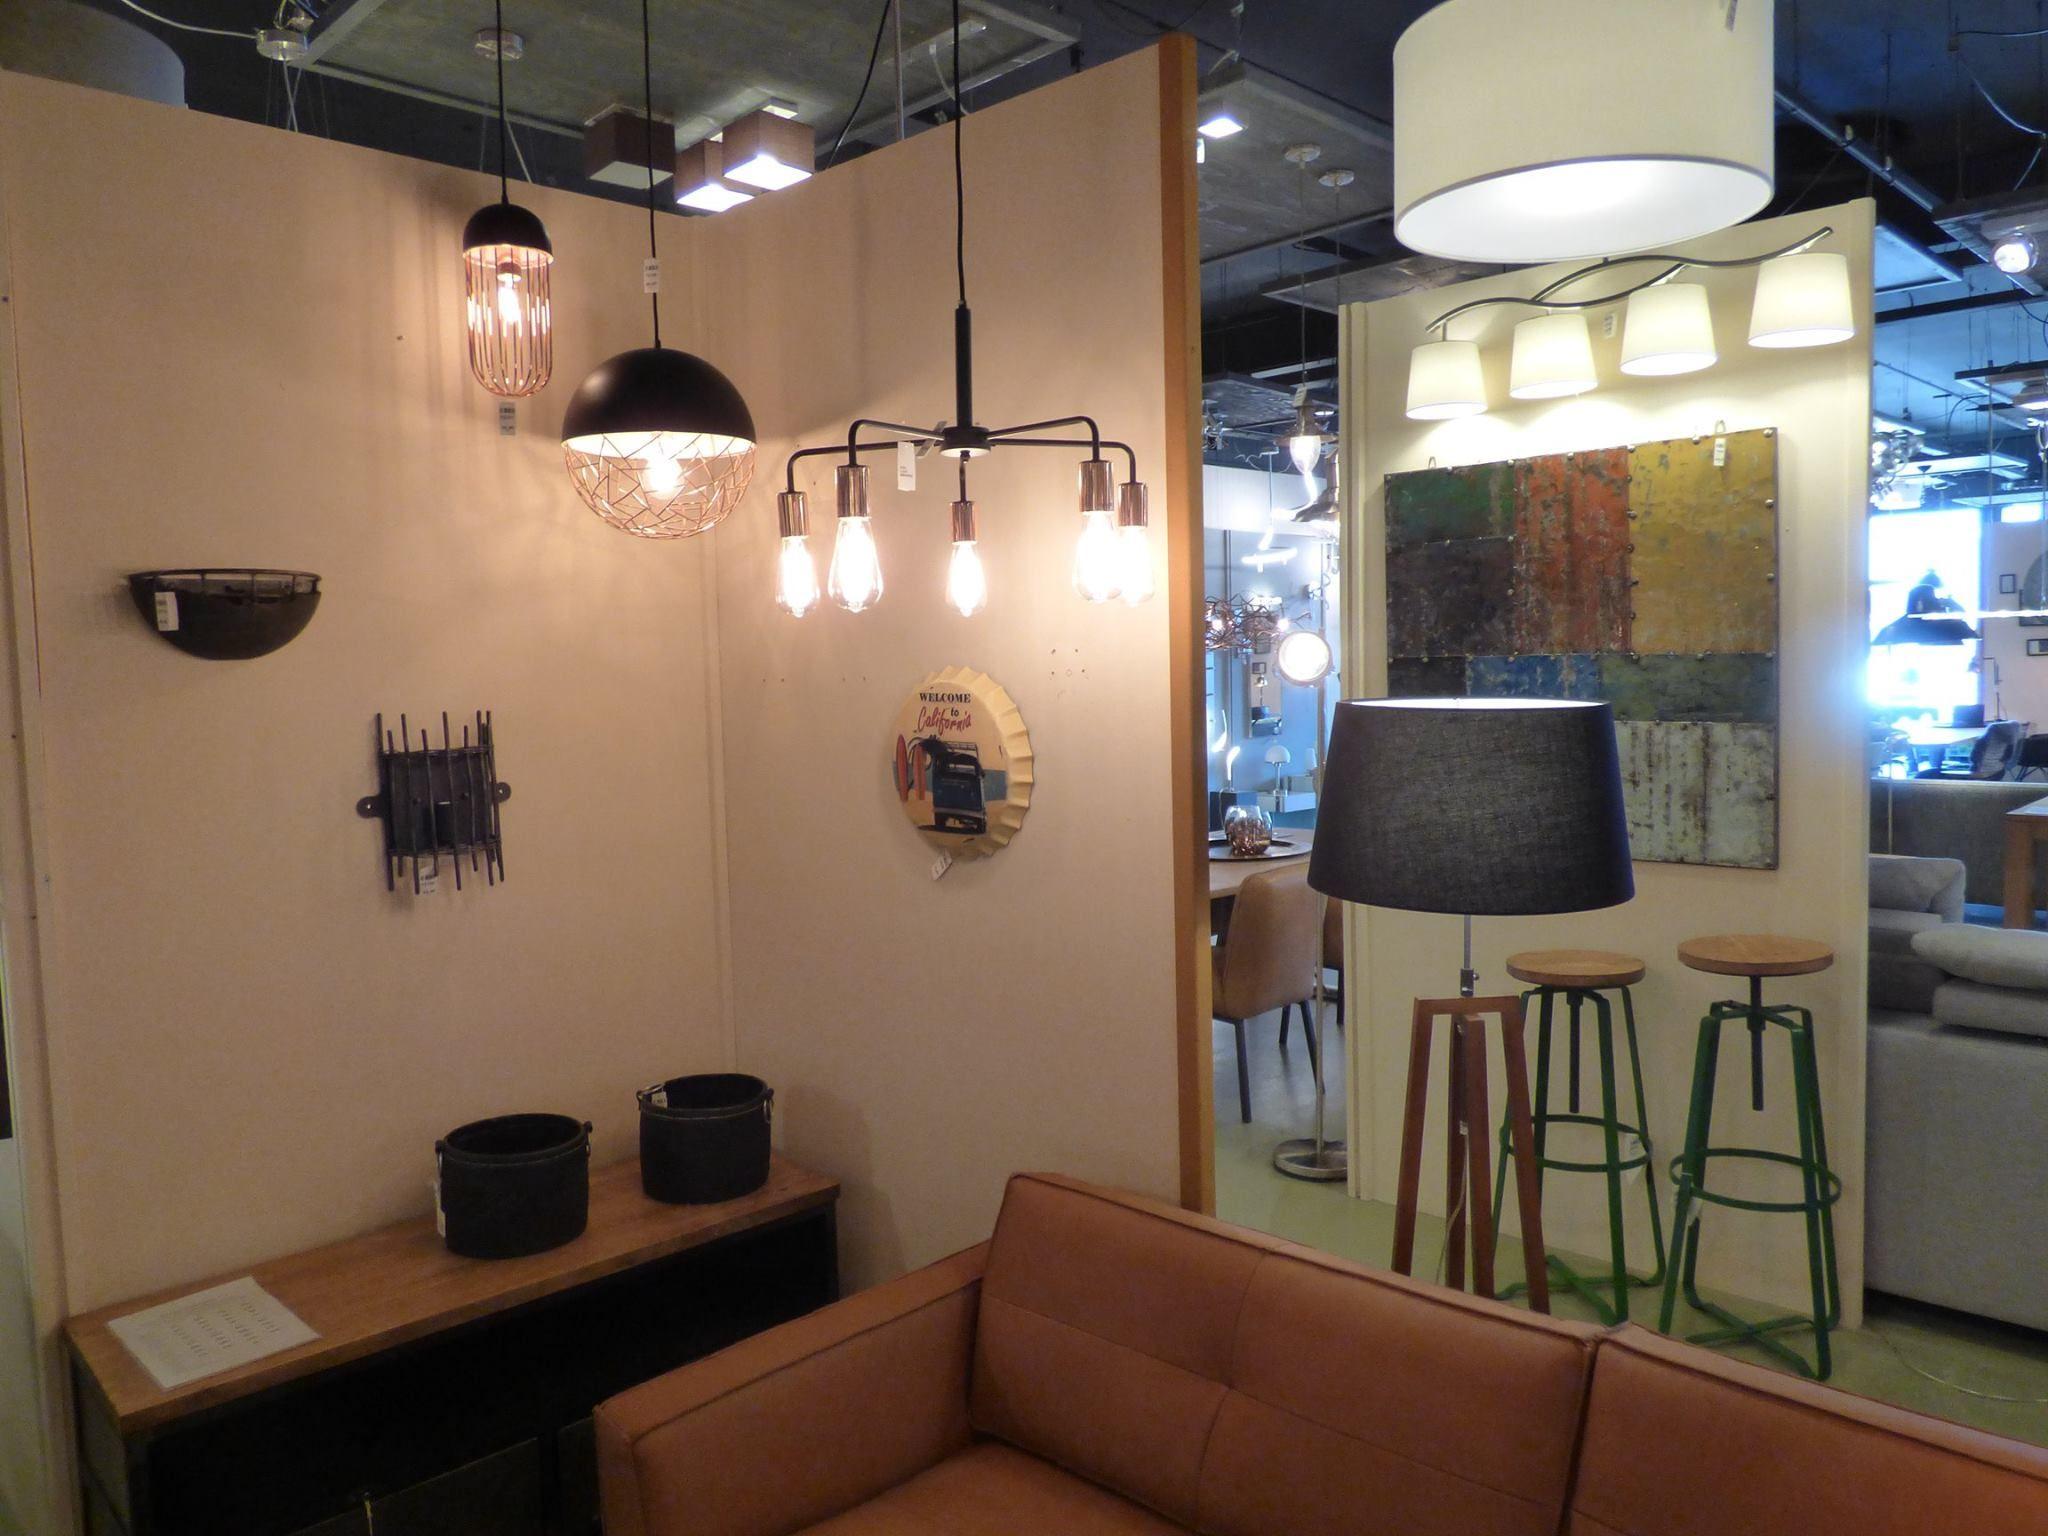 Showroom winkel . .Landelijke hanglampen tafellampen wandlampen en vloerlampen . Keuze uit meer dan 3000 artikelen in verlichting in onze webwinkel . Ook meubels, maar die kan je alleen maar bezichtigen en bestellen in onze winkel ( schilderijen, eettafel stoelen , eettafels , banken ) . Home interior lights / ONLINE SHOP : click on this LINK ( www.rietveldlicht.nl ) Verzendkosten gratis .